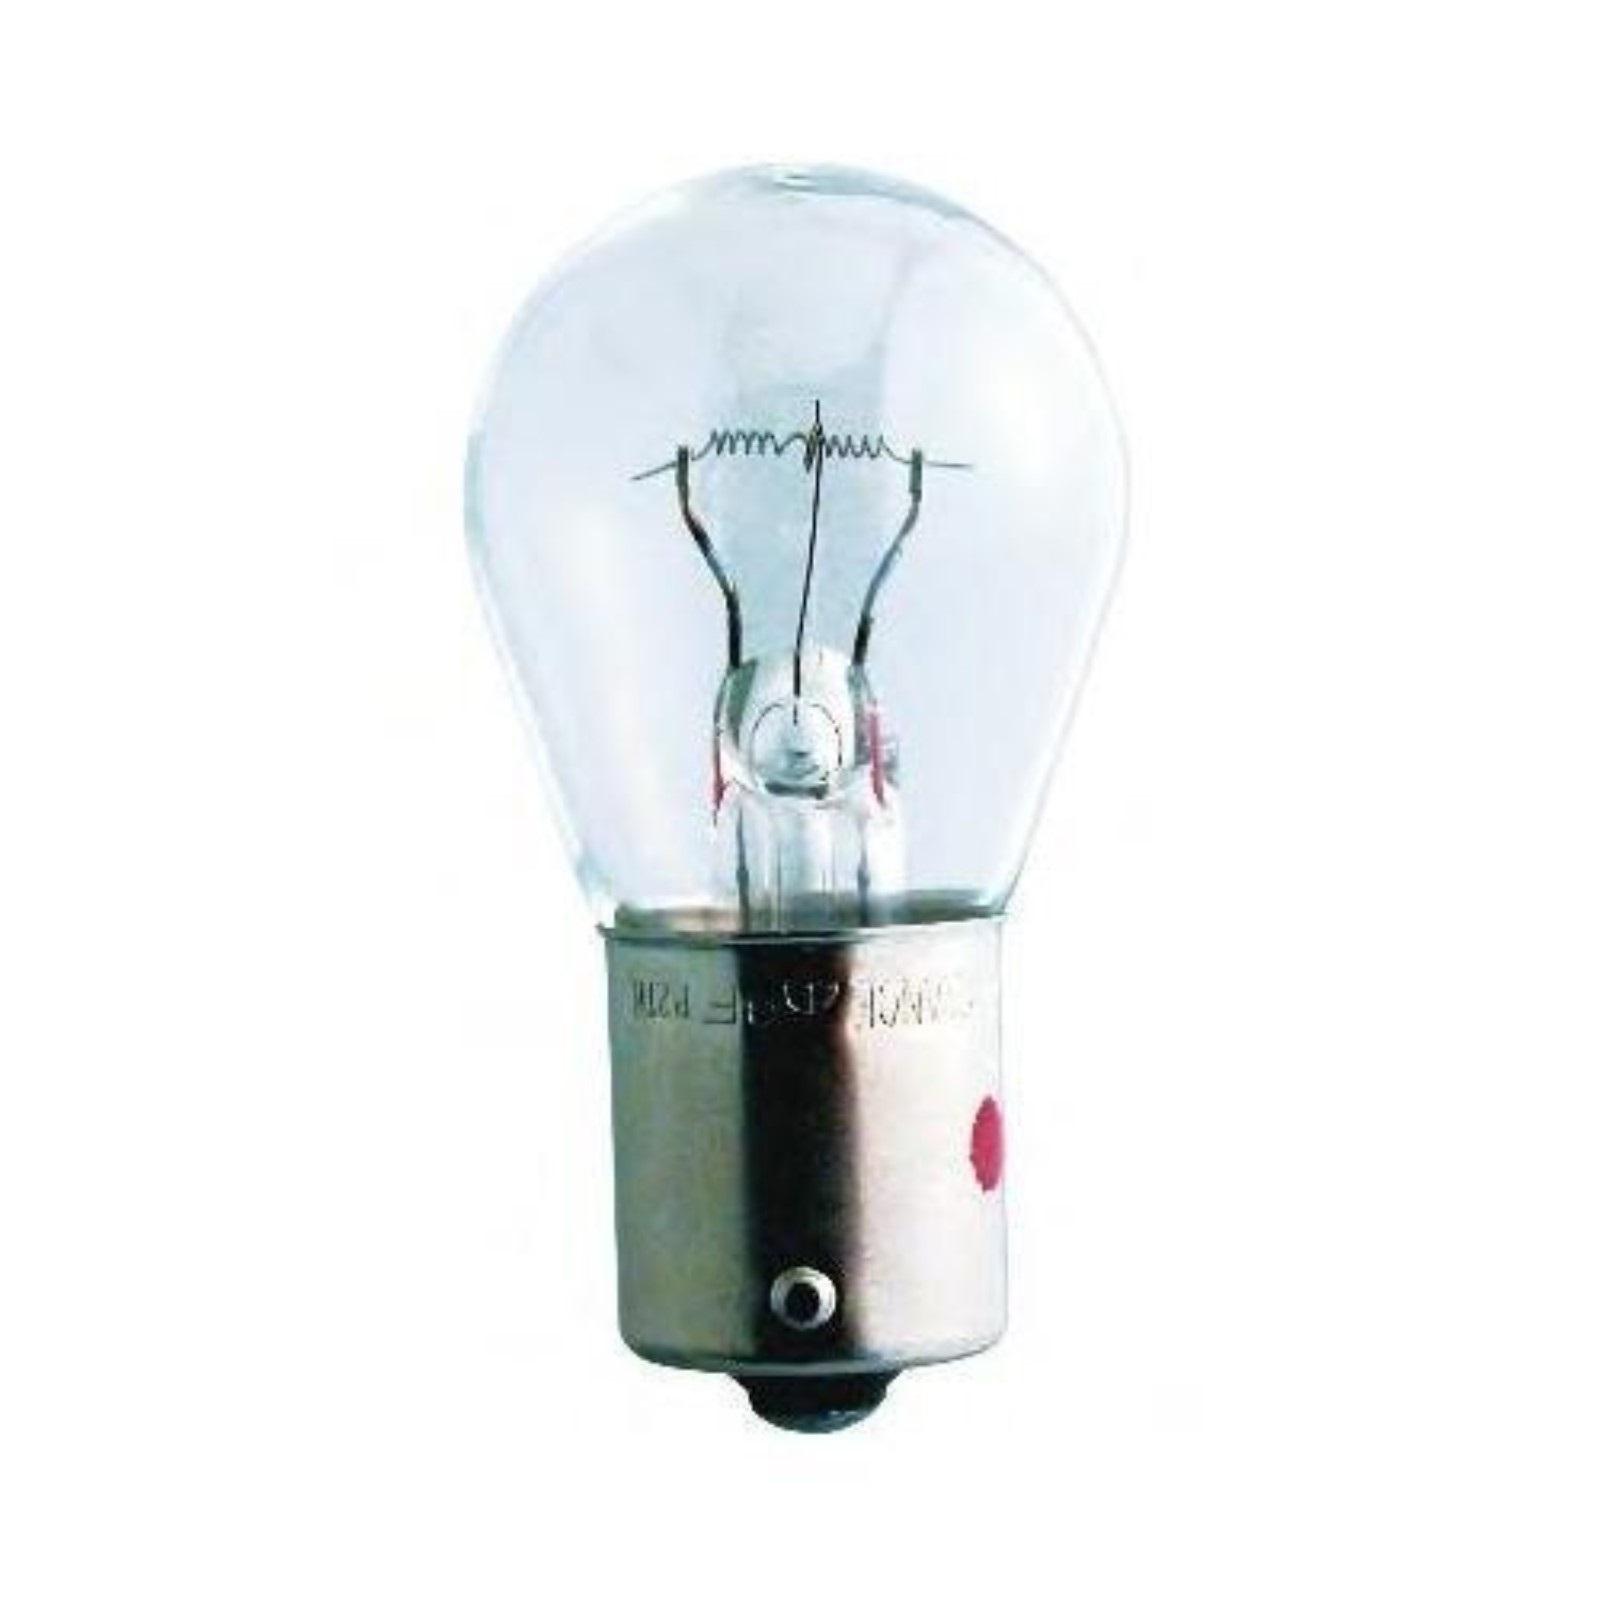 Лампы P21w 13498 24v B2 (2) Standard